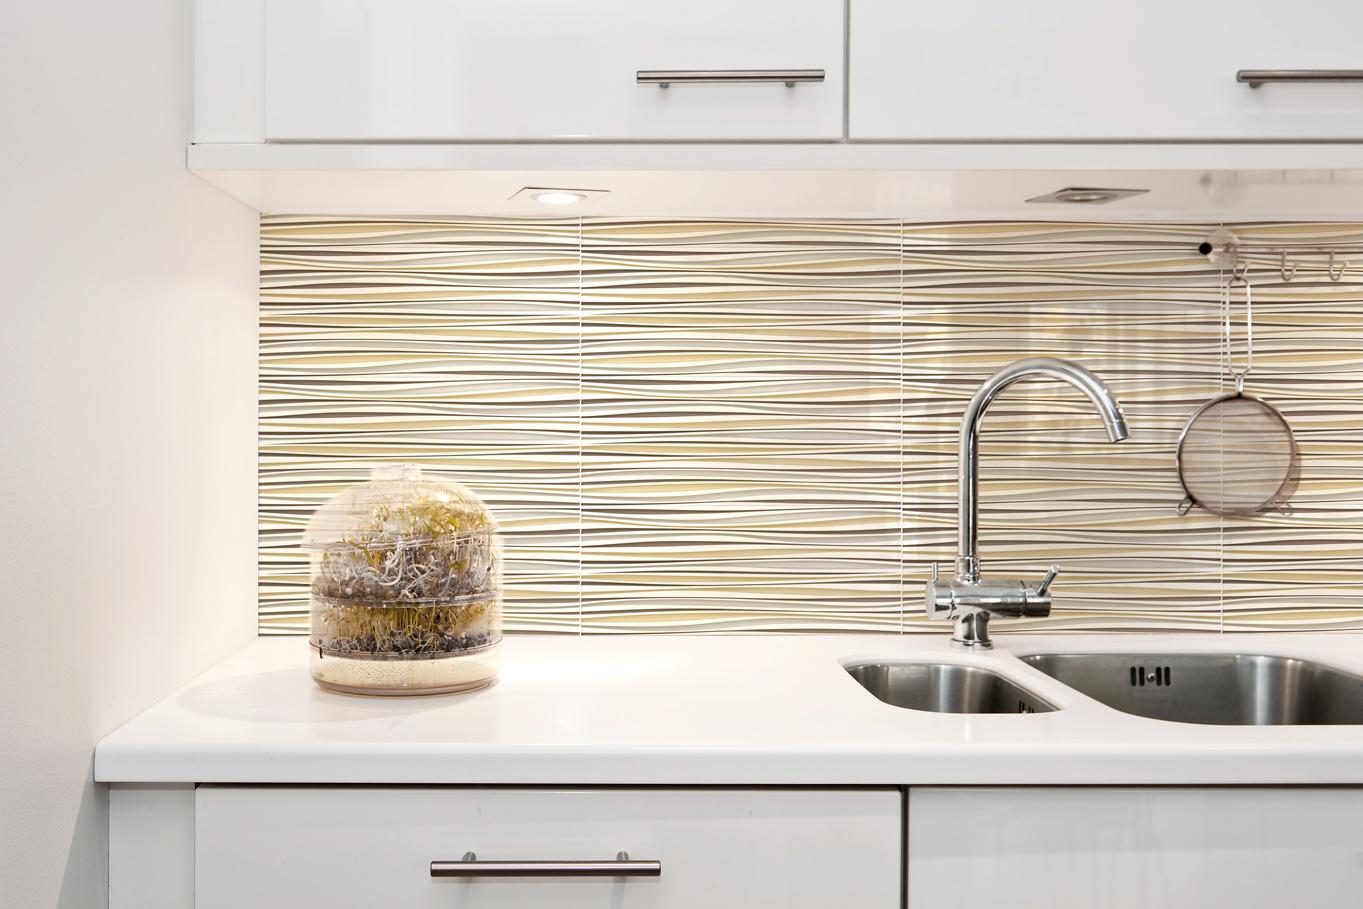 Disegni per cucina immagini piastrelle cucina trendy piastrelle